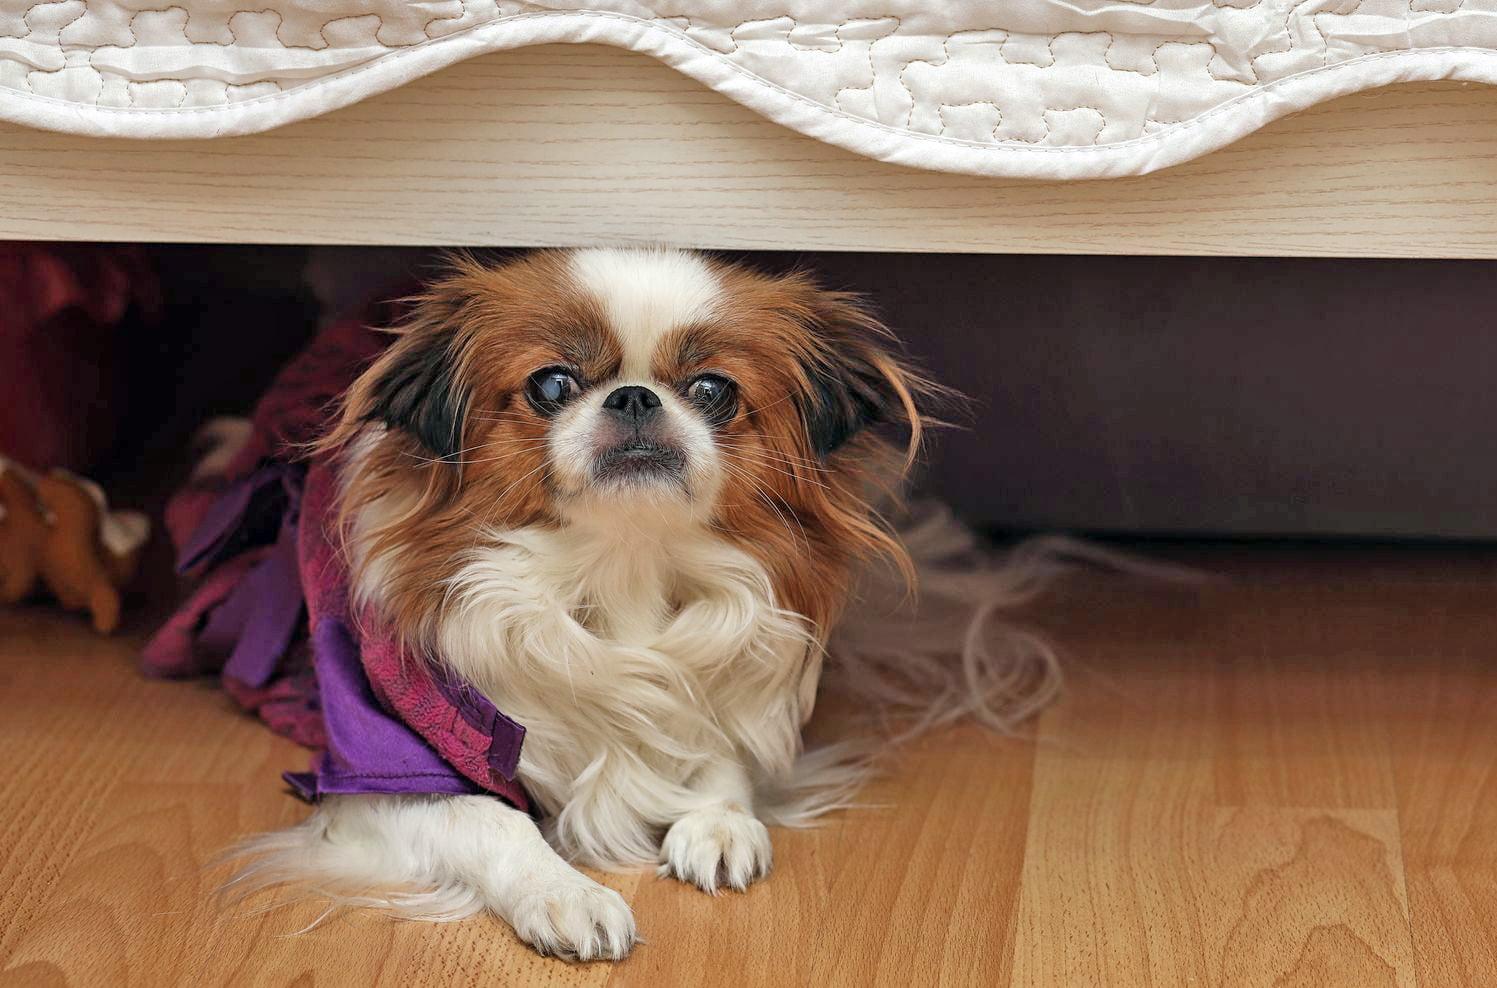 Pourquoi mon chien se cache-t-il sous le lit?